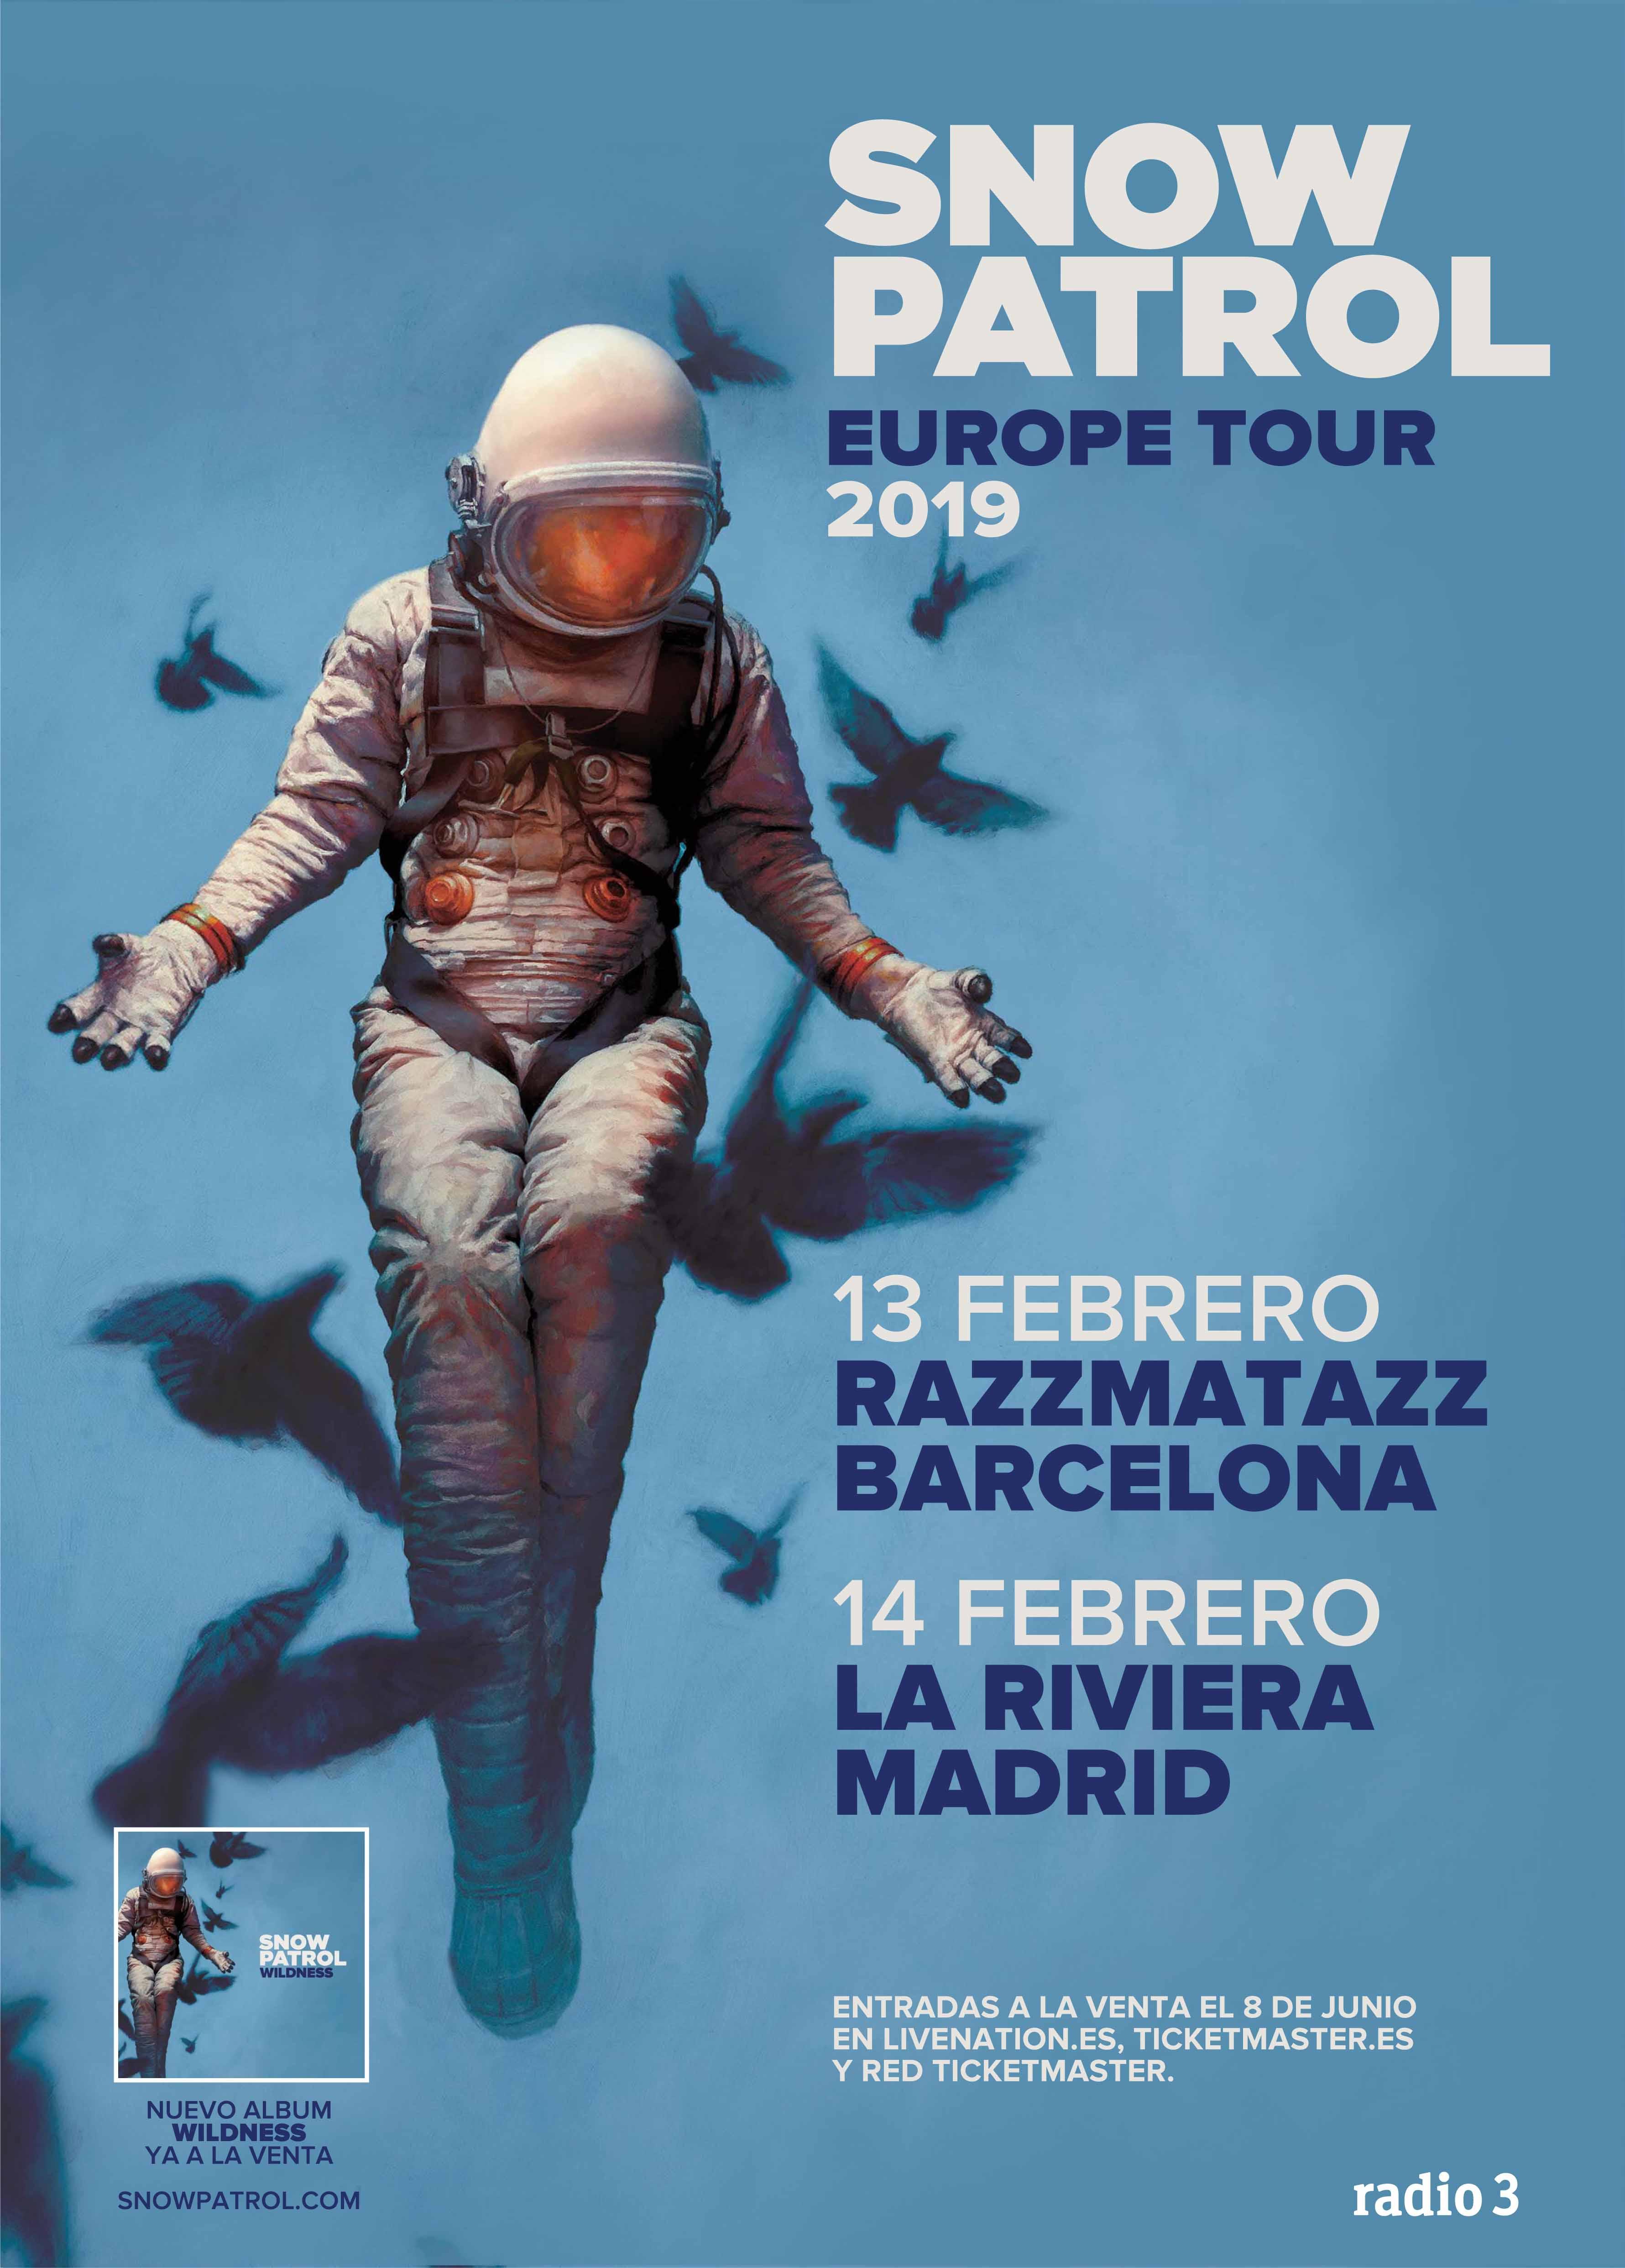 SNOW PATROL CONFIRMA NUEVAS FECHAS DENTRO DE SU GIRA EUROPEA: ACTUARÁ EN BARCELONA Y MADRID EN FEBRERO DE 2019